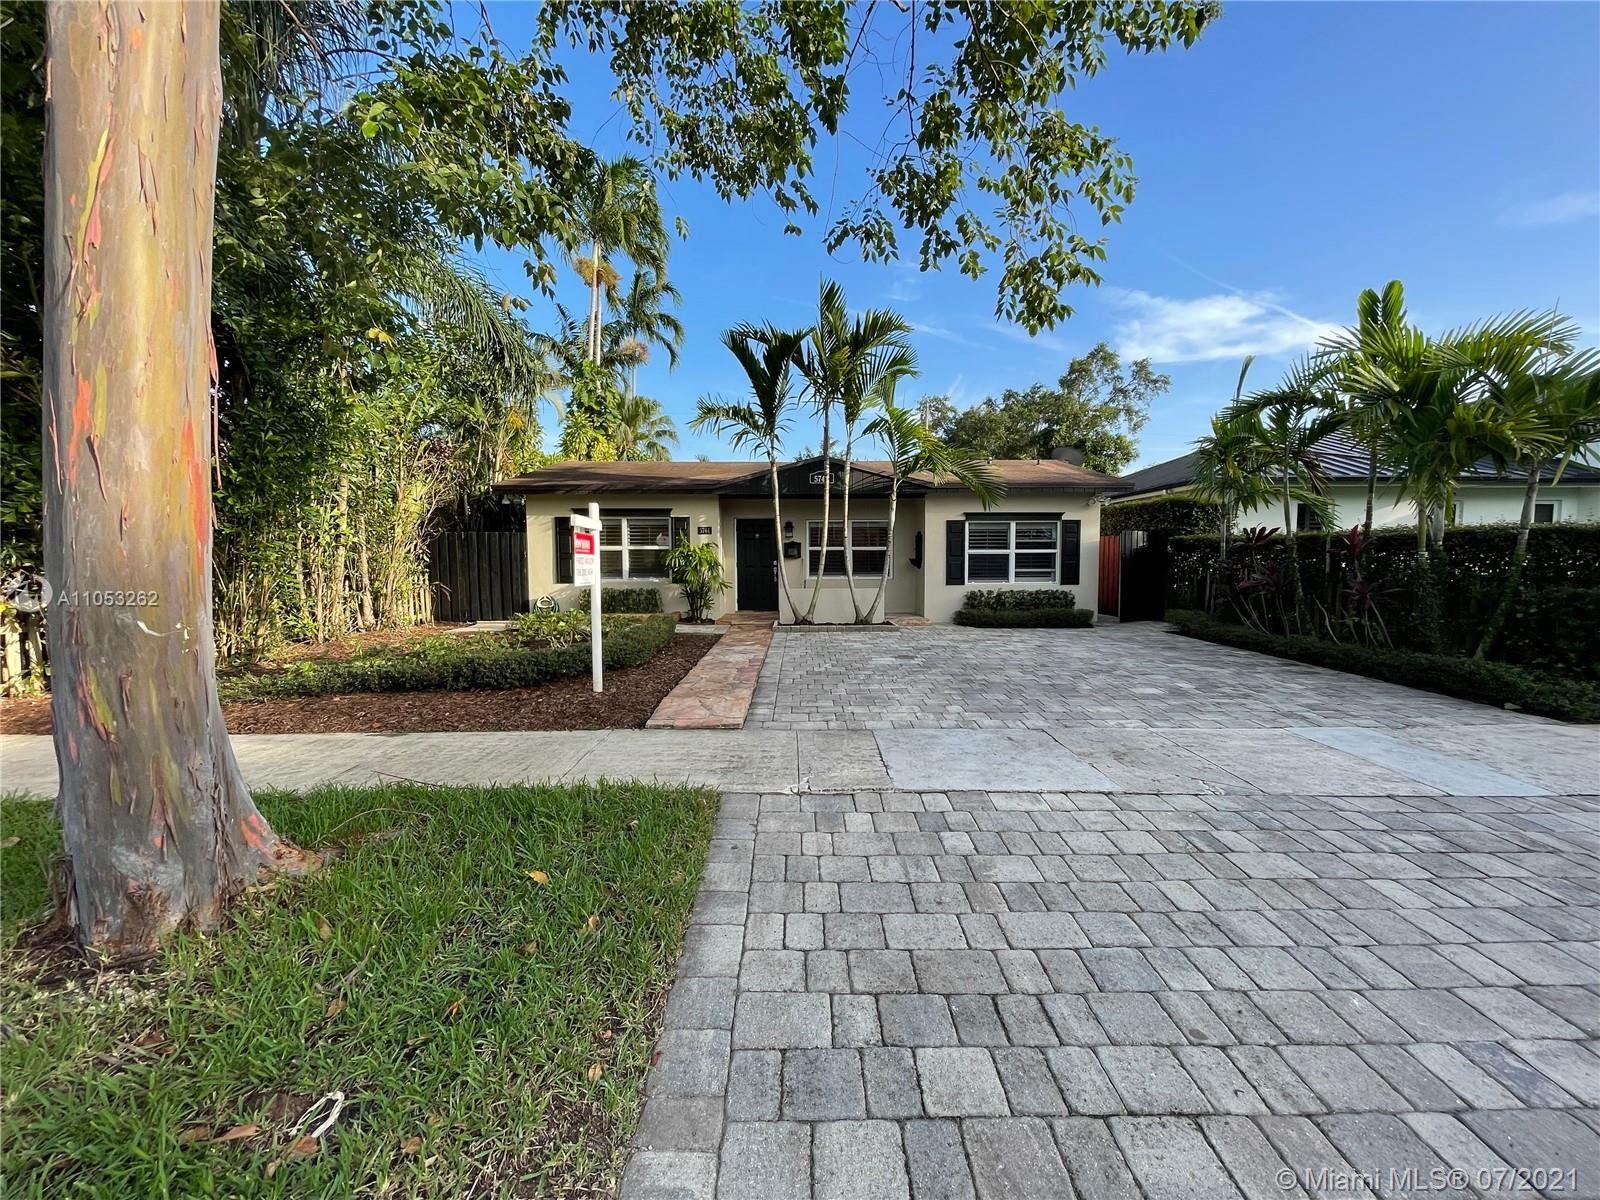 5744 SW 54 Ter, Miami, FL 33155 - #: A11053262